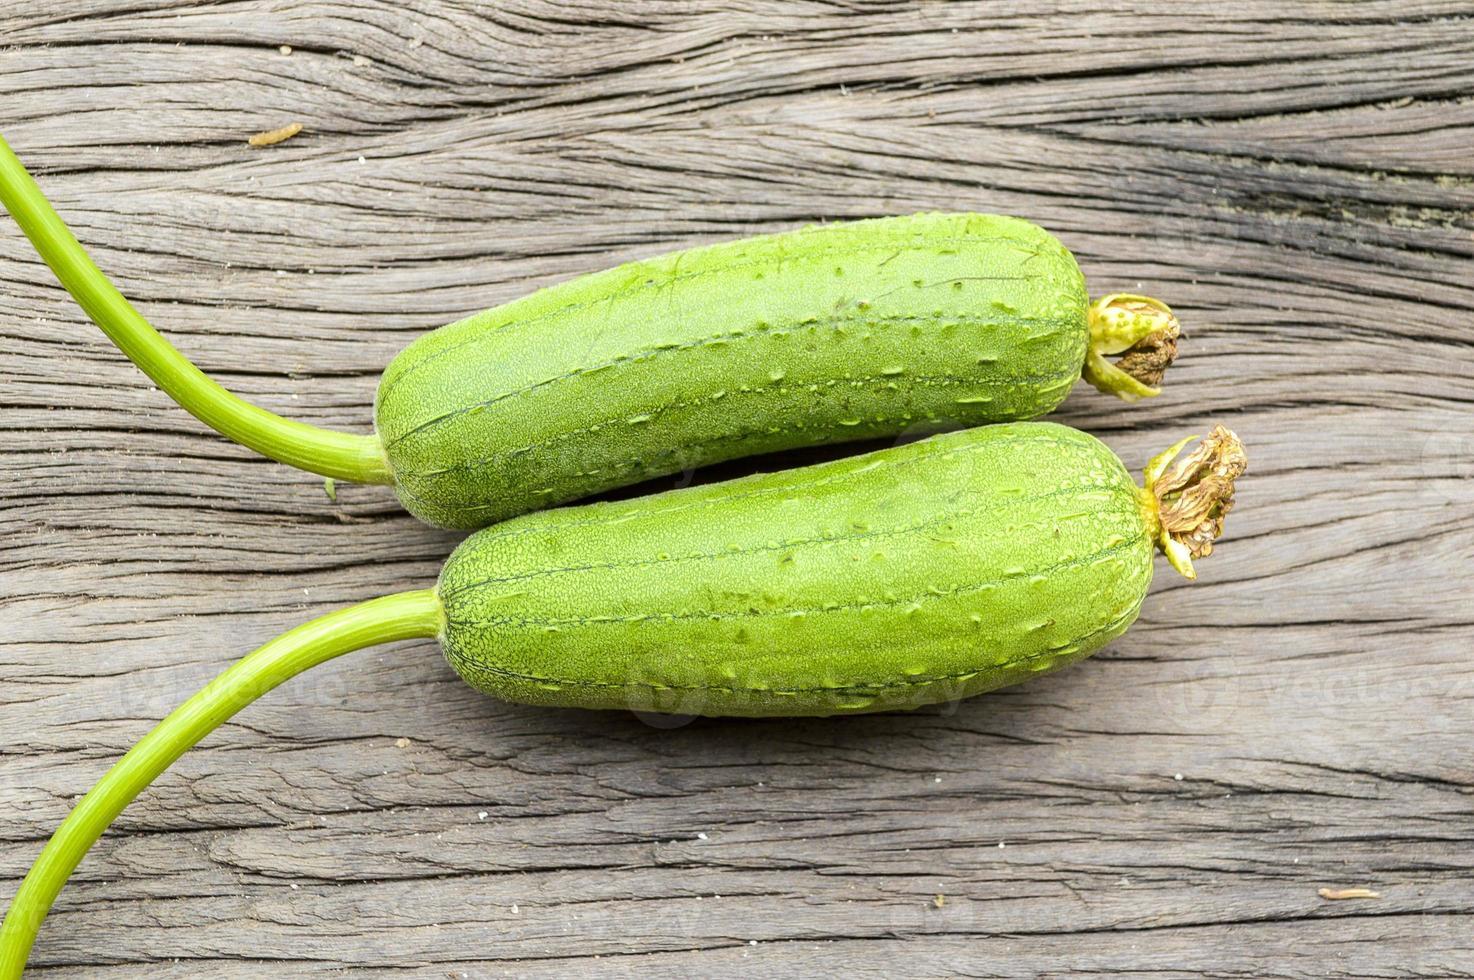 groene spons kalebas foto